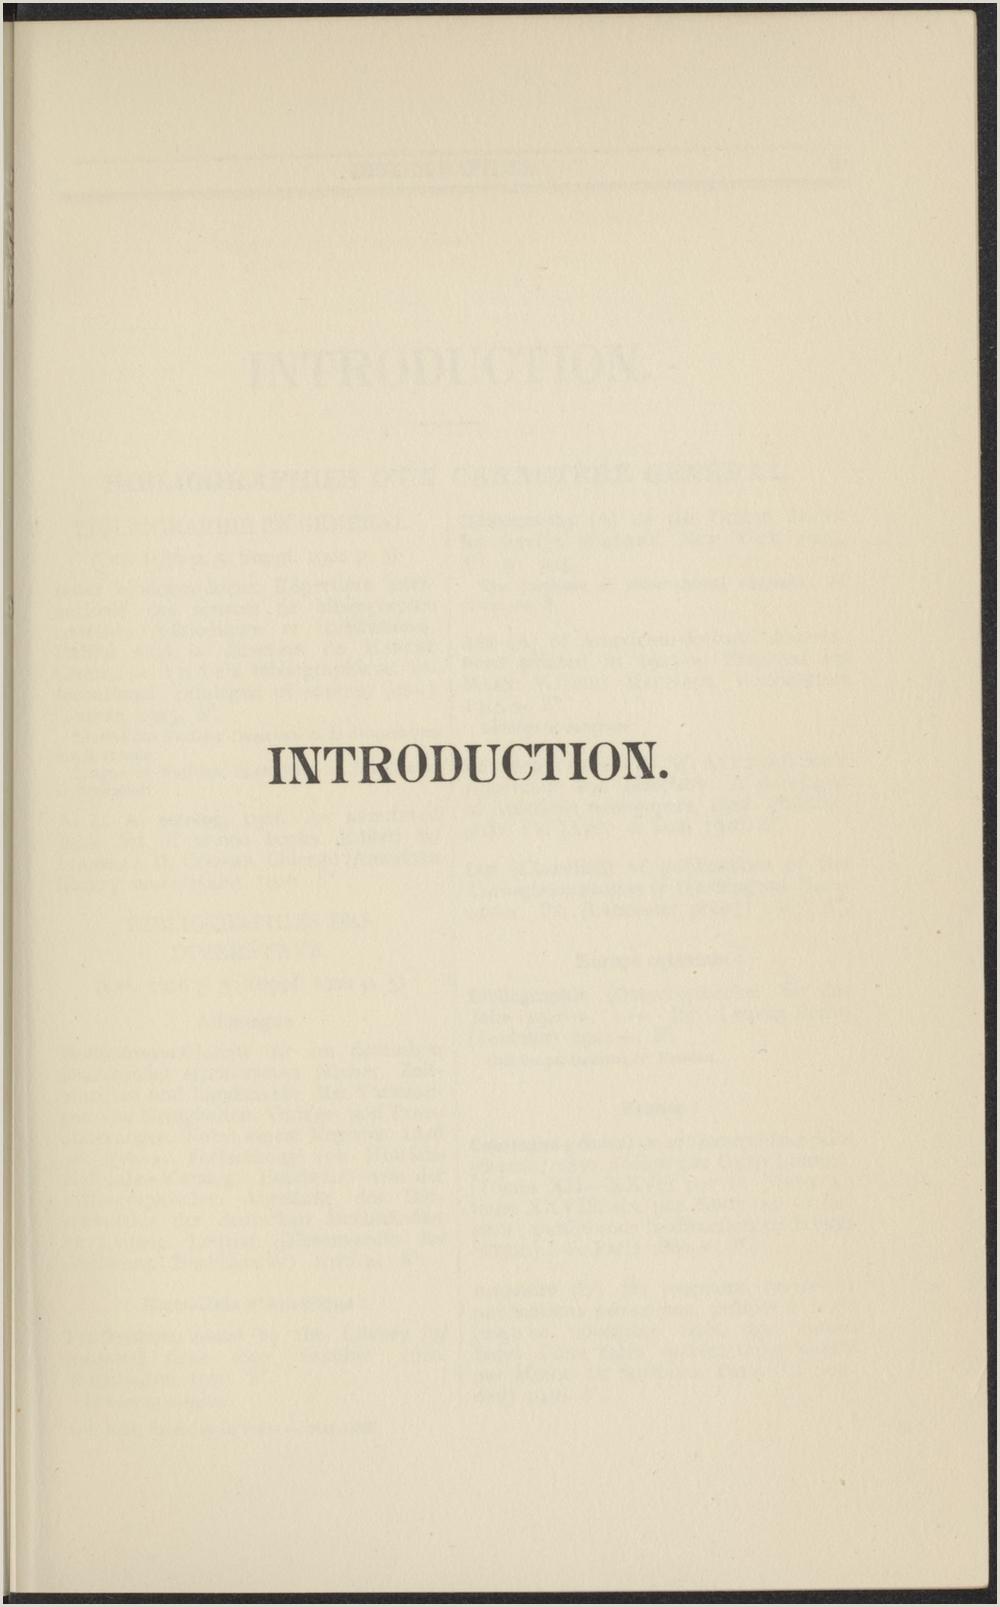 Curriculum Academico Simples Biblioth¨que Du Palais De La Paix 1930 Pag 29